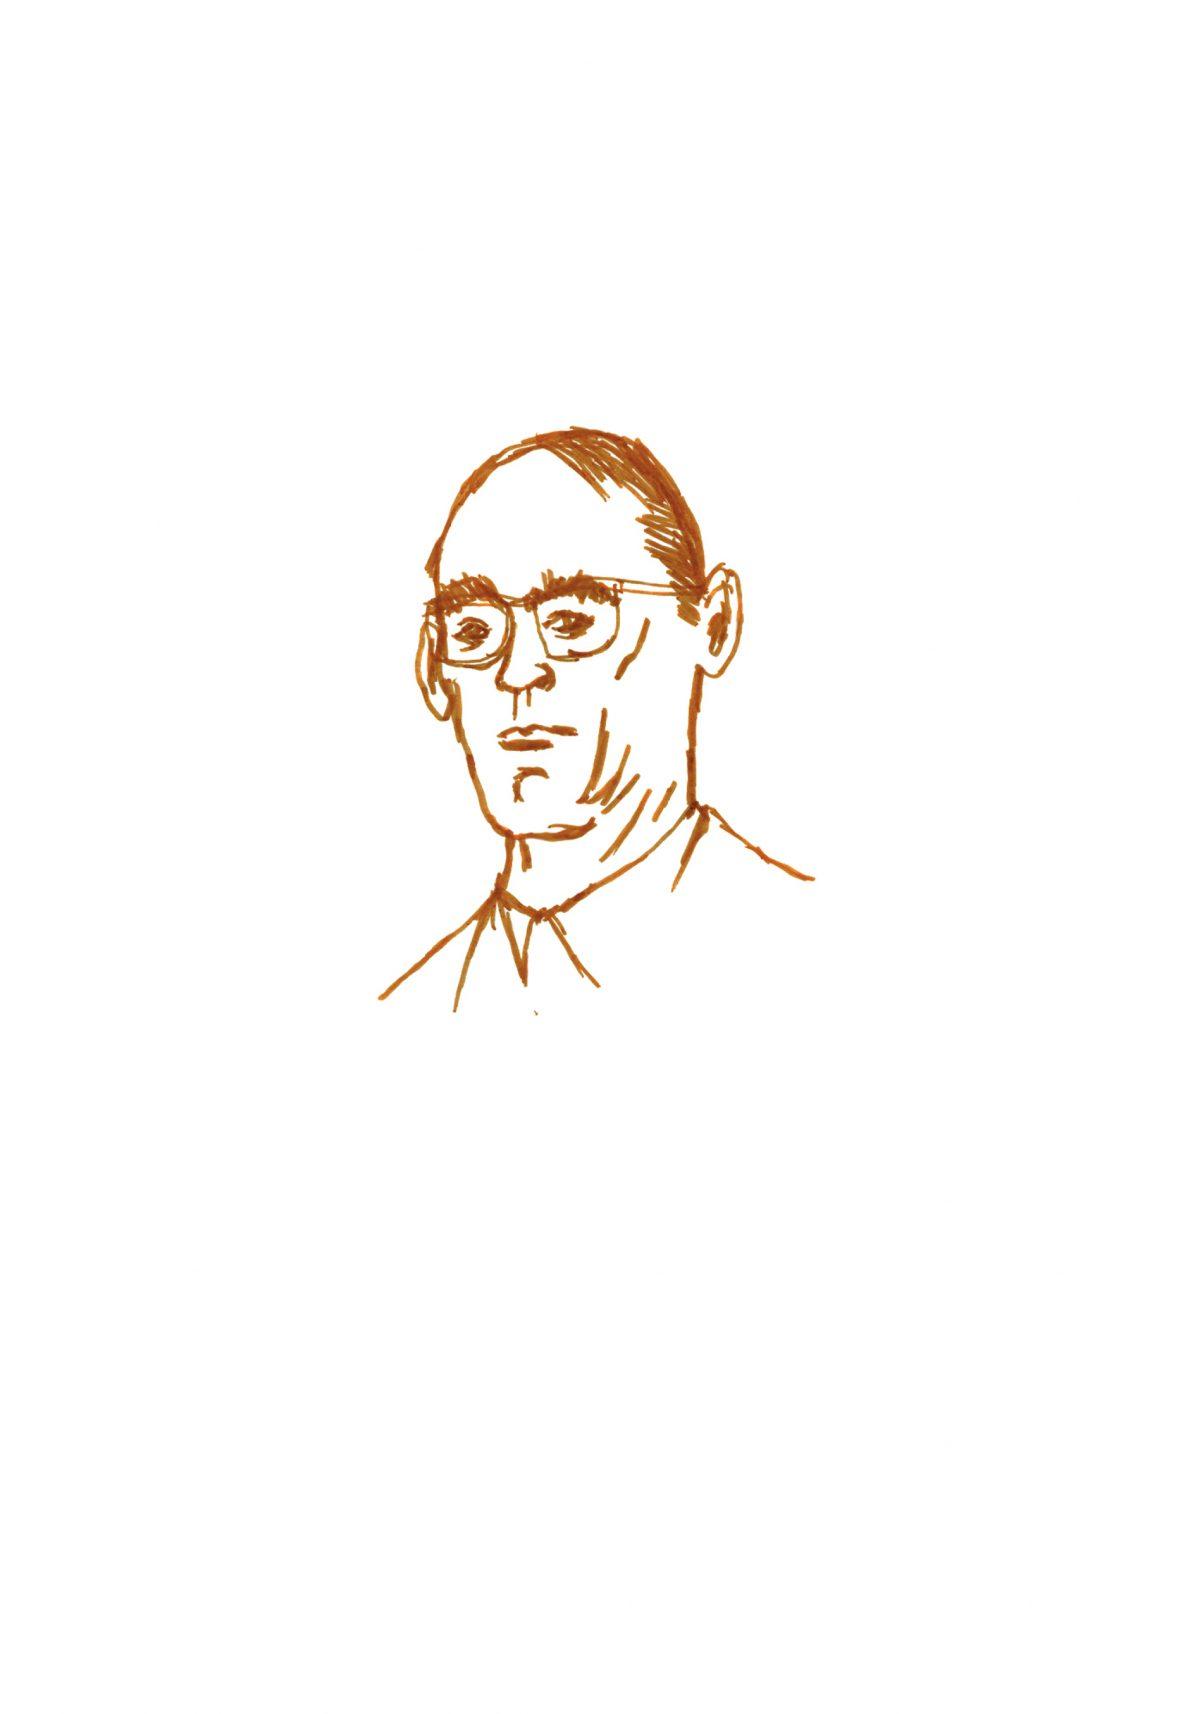 dominique-lambert-014-191_3_portrait-dessin-benoit-bonnemaison-fitte-c-stephanie-solinas_2004-2010